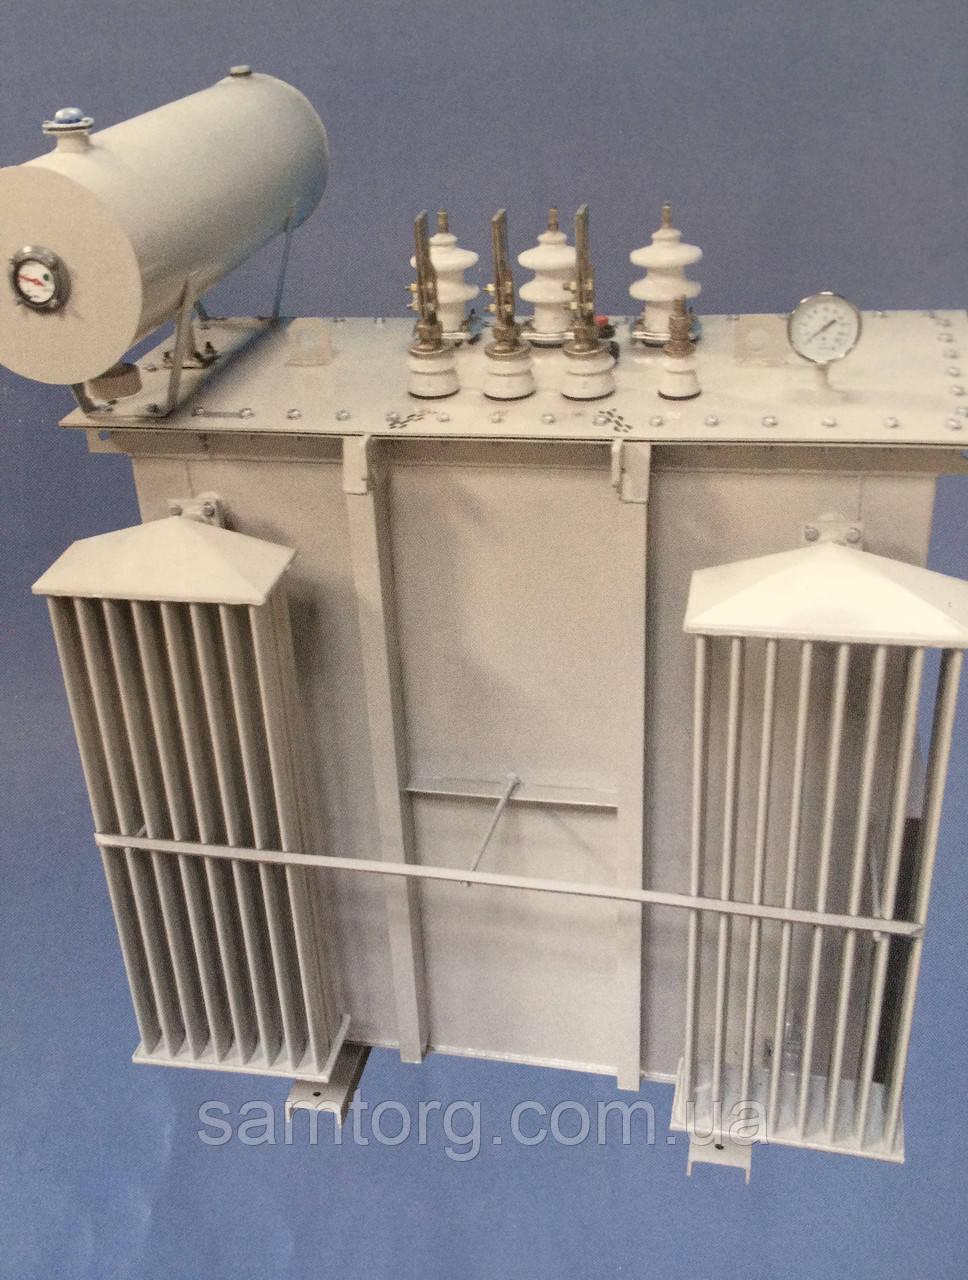 Купить Трансформатор масляный ТМ-160-10/0.4 У1: продажа, цена в ...   1280x968